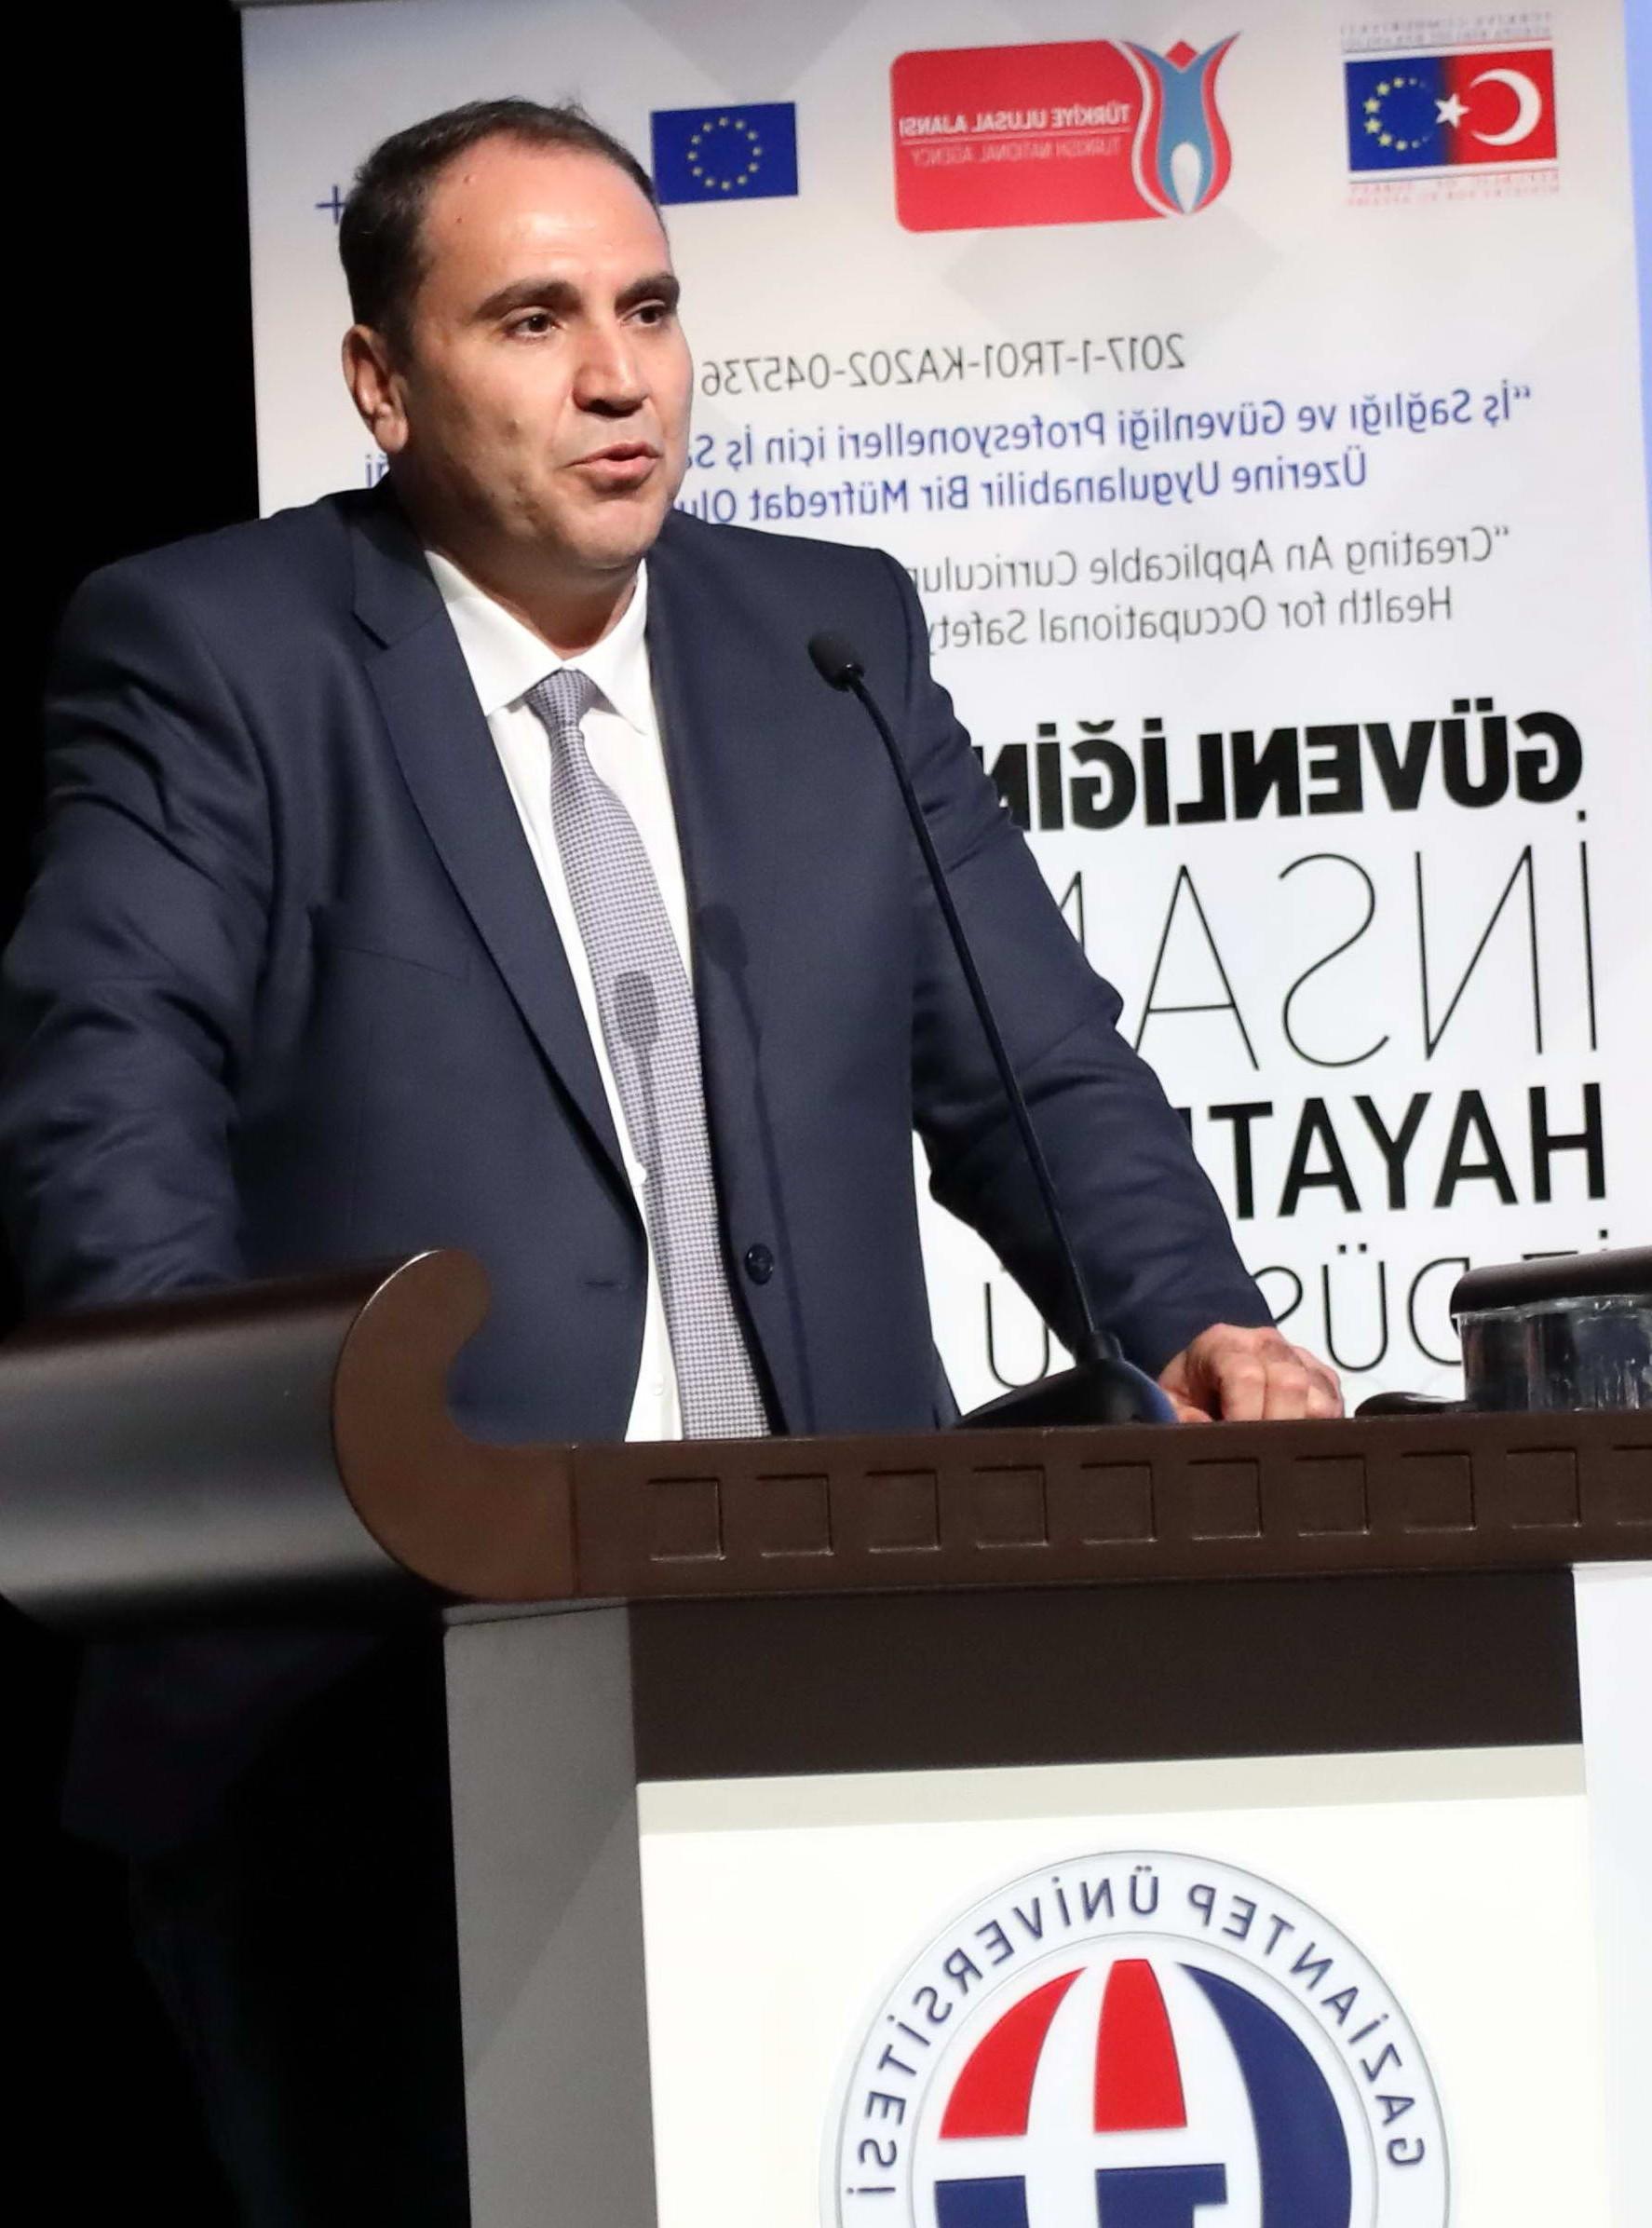 Doktor Öğretim Üyesi Murat Karahan,